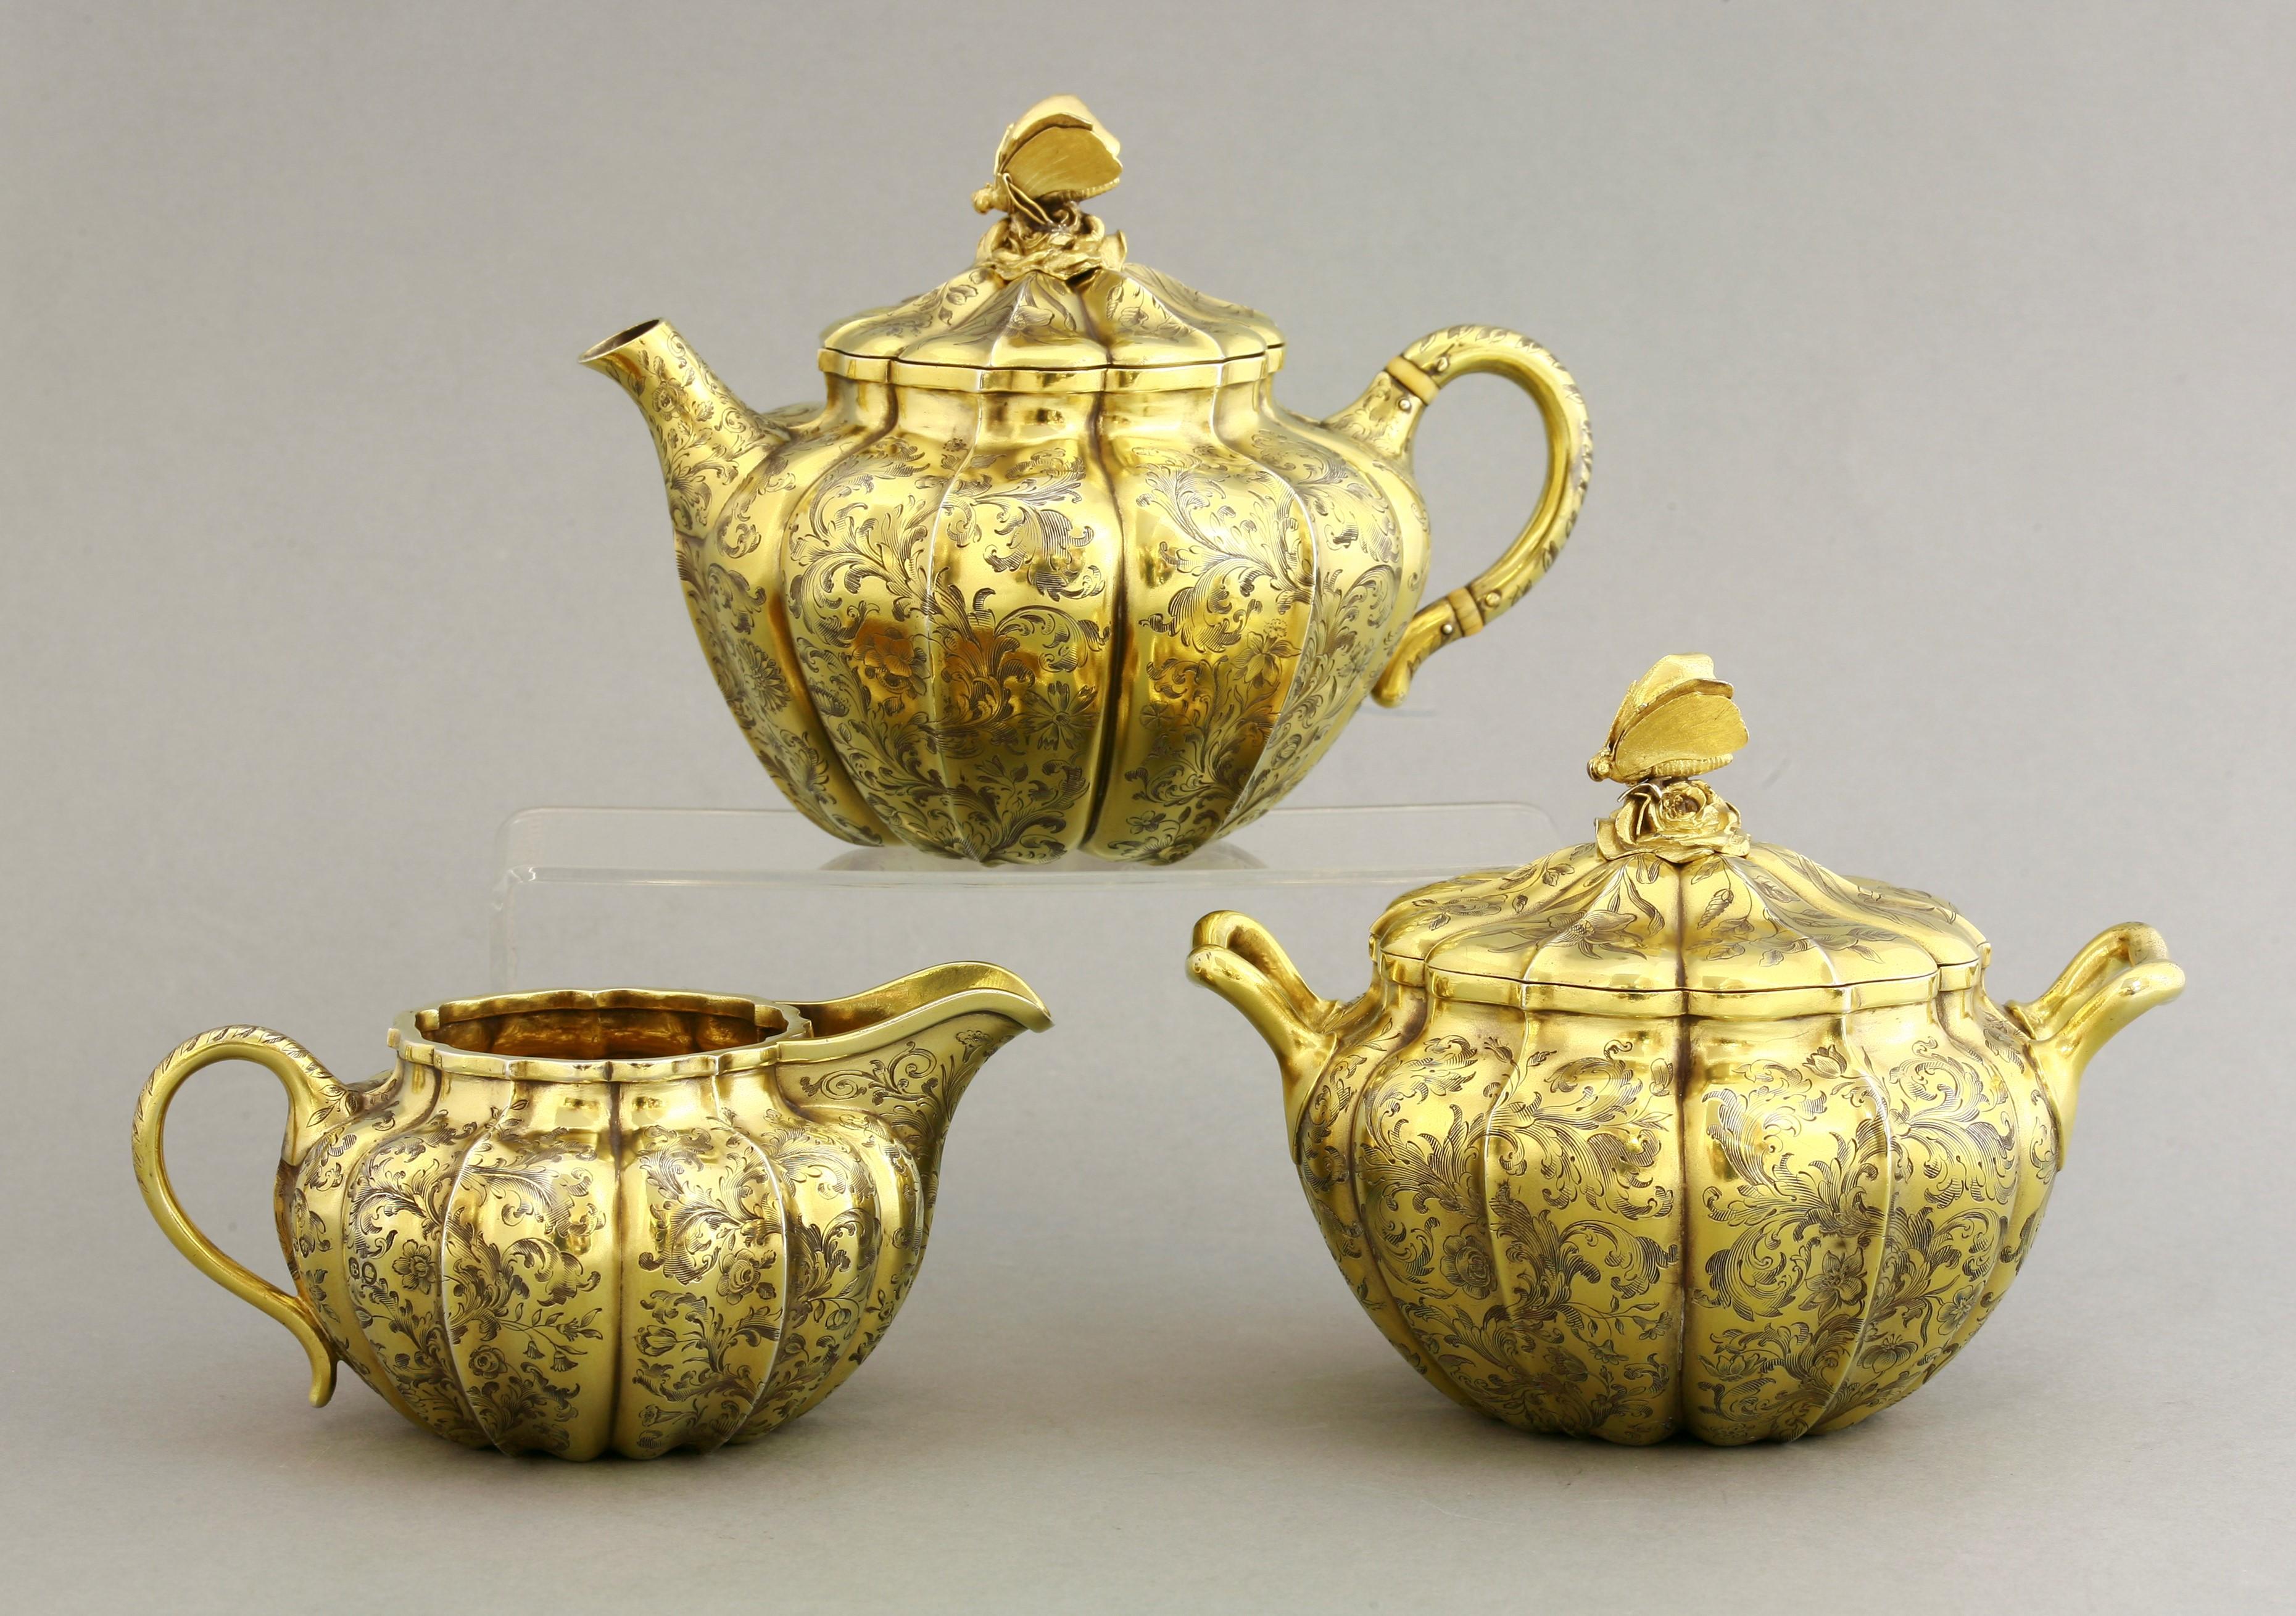 A rare silver tea set